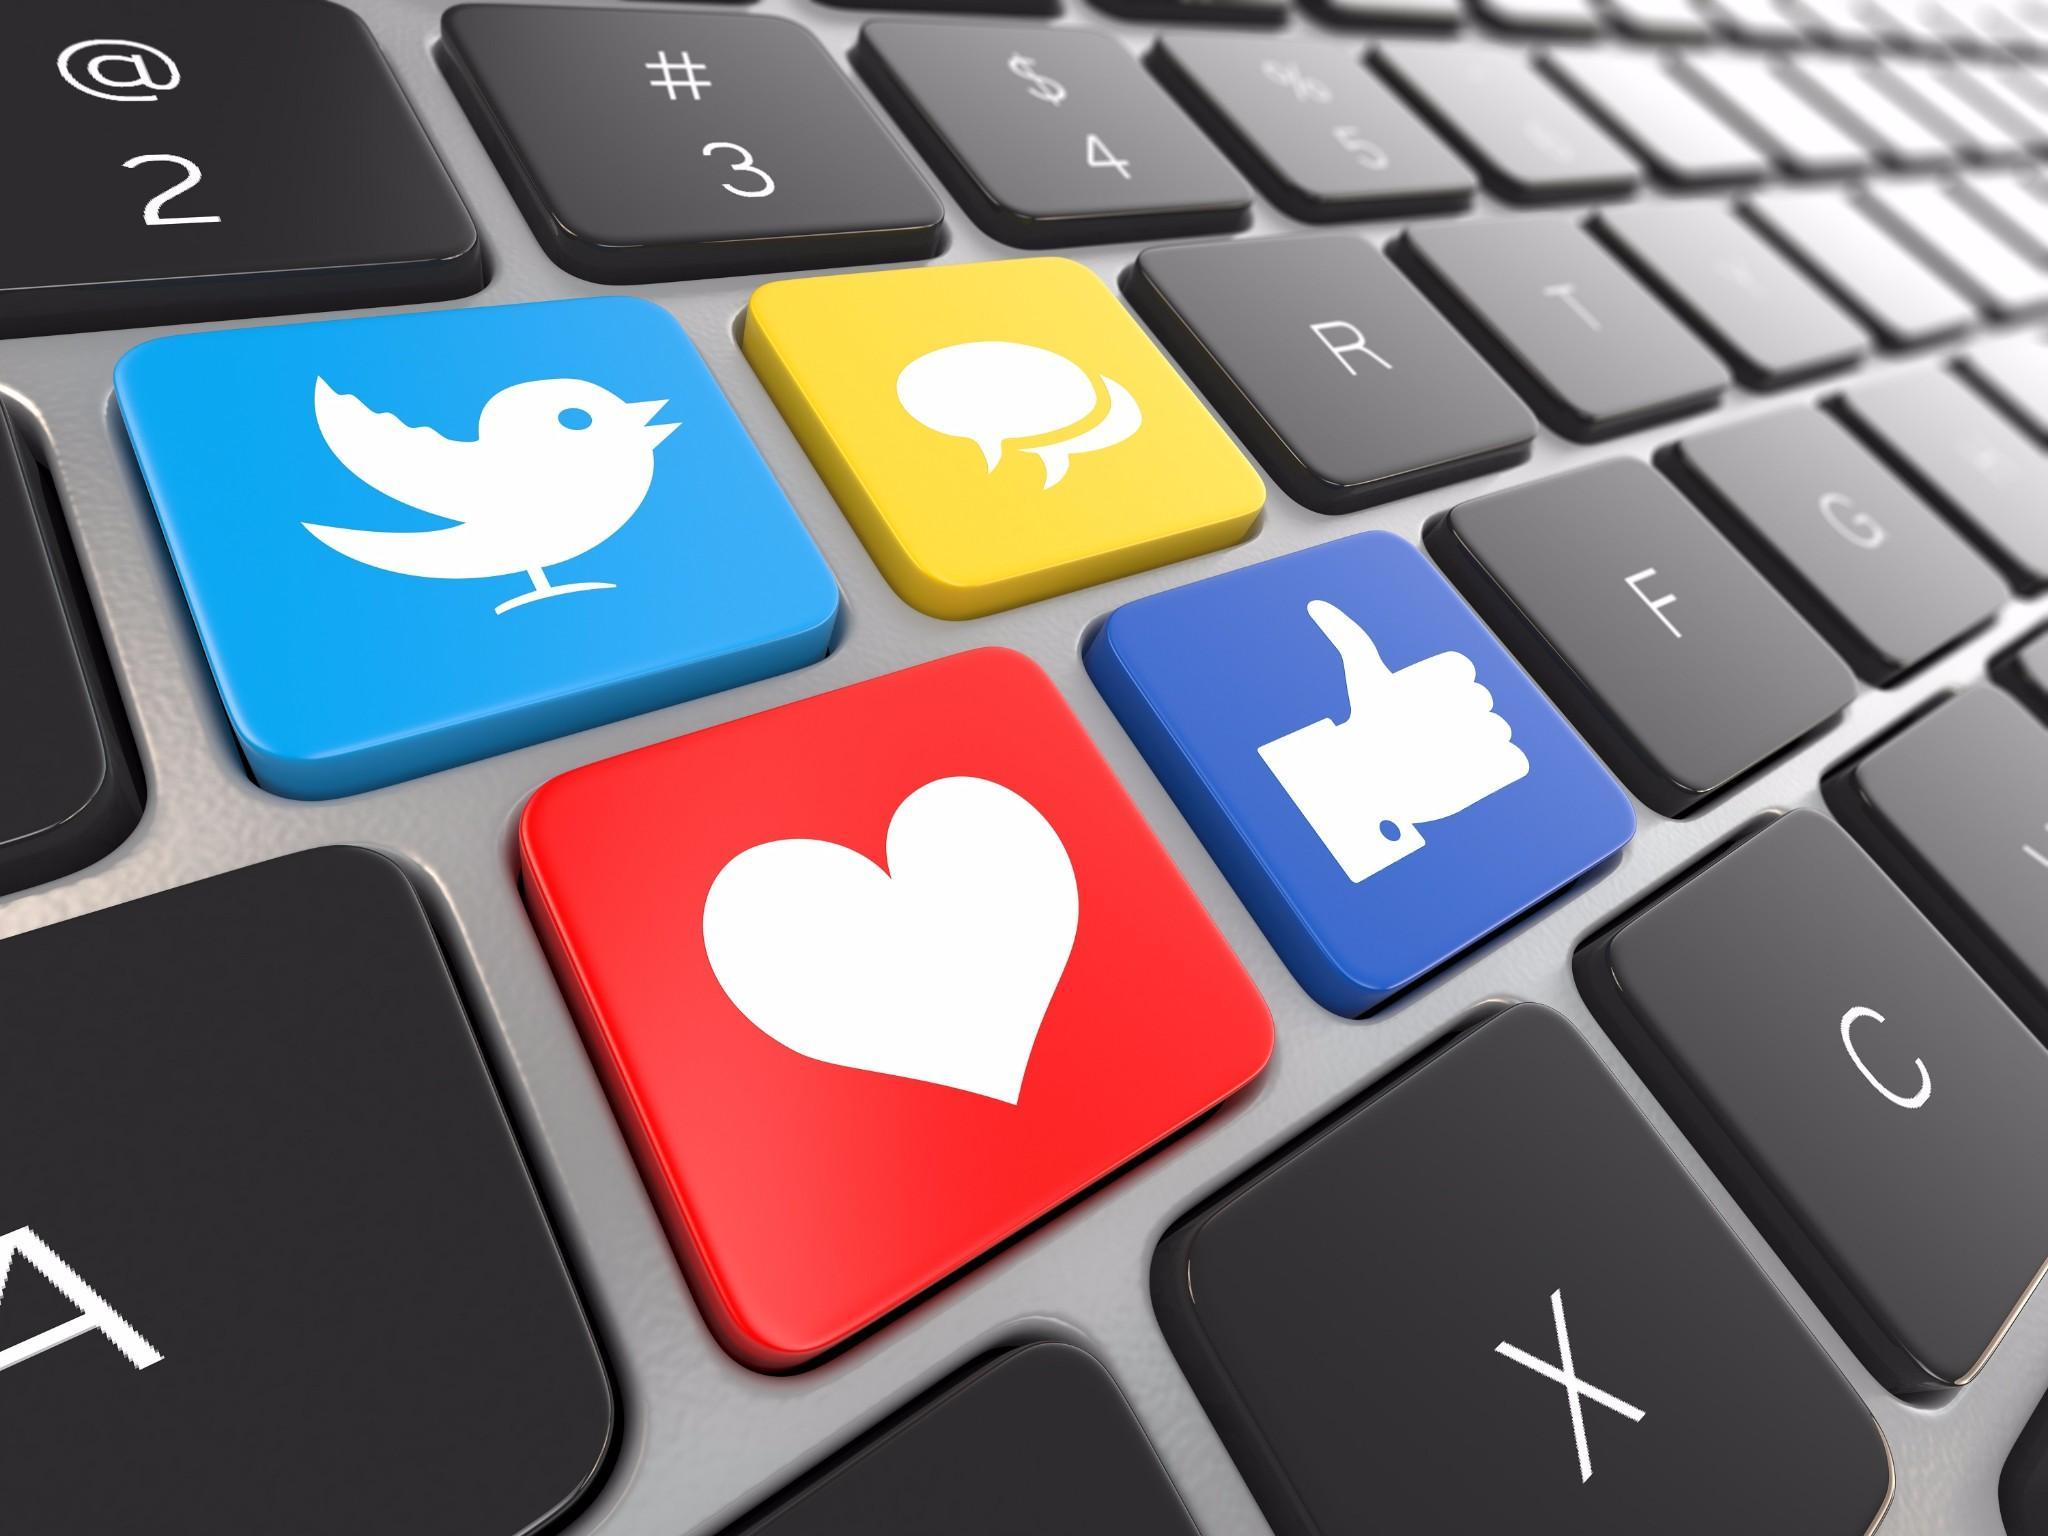 2014-03-26-05-53-41-médias-sociaux